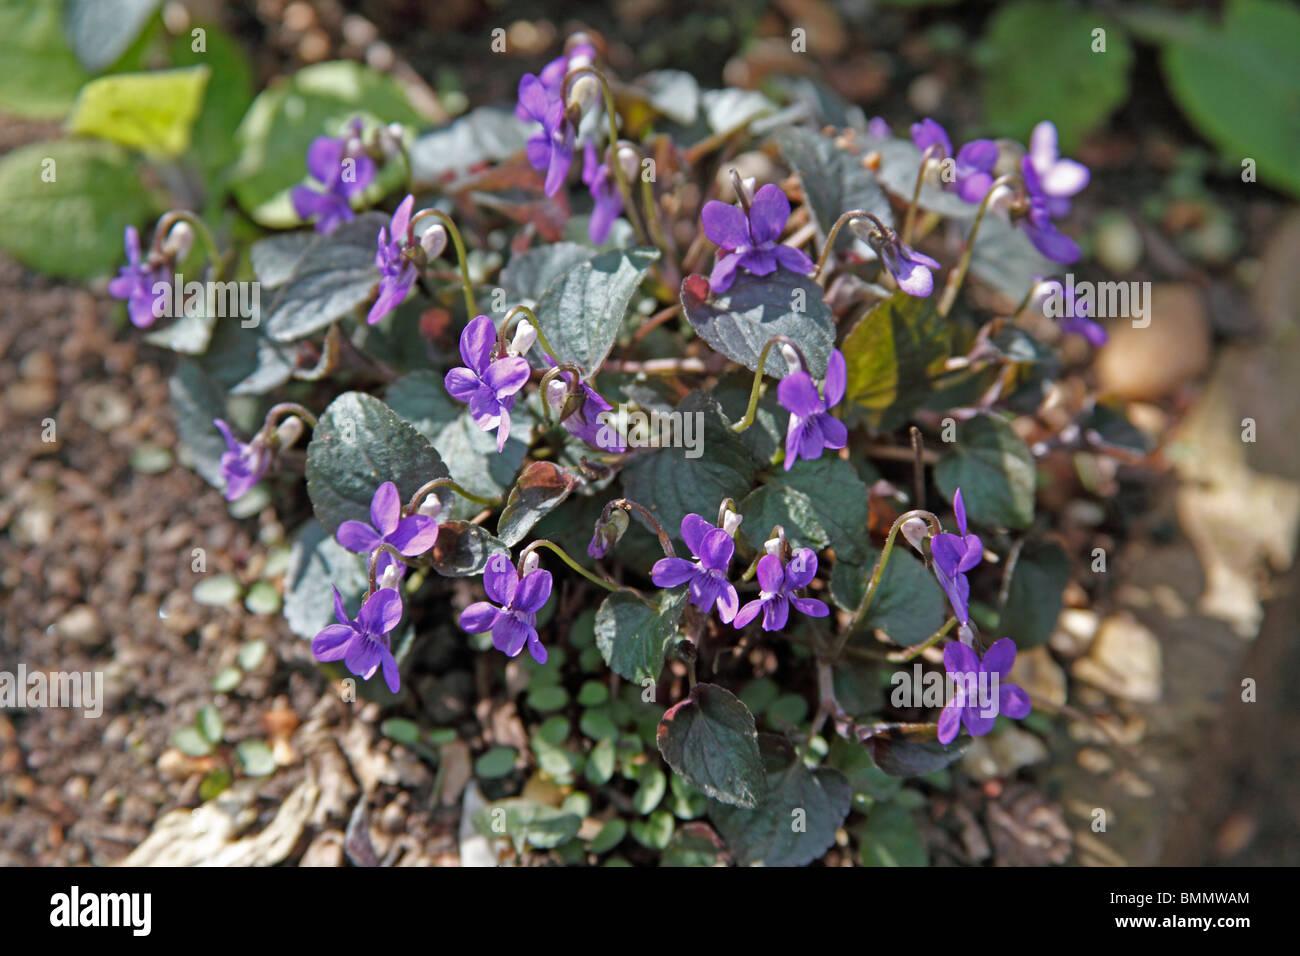 Perro violeta (Viola riviniana) las plantas en flor Foto de stock